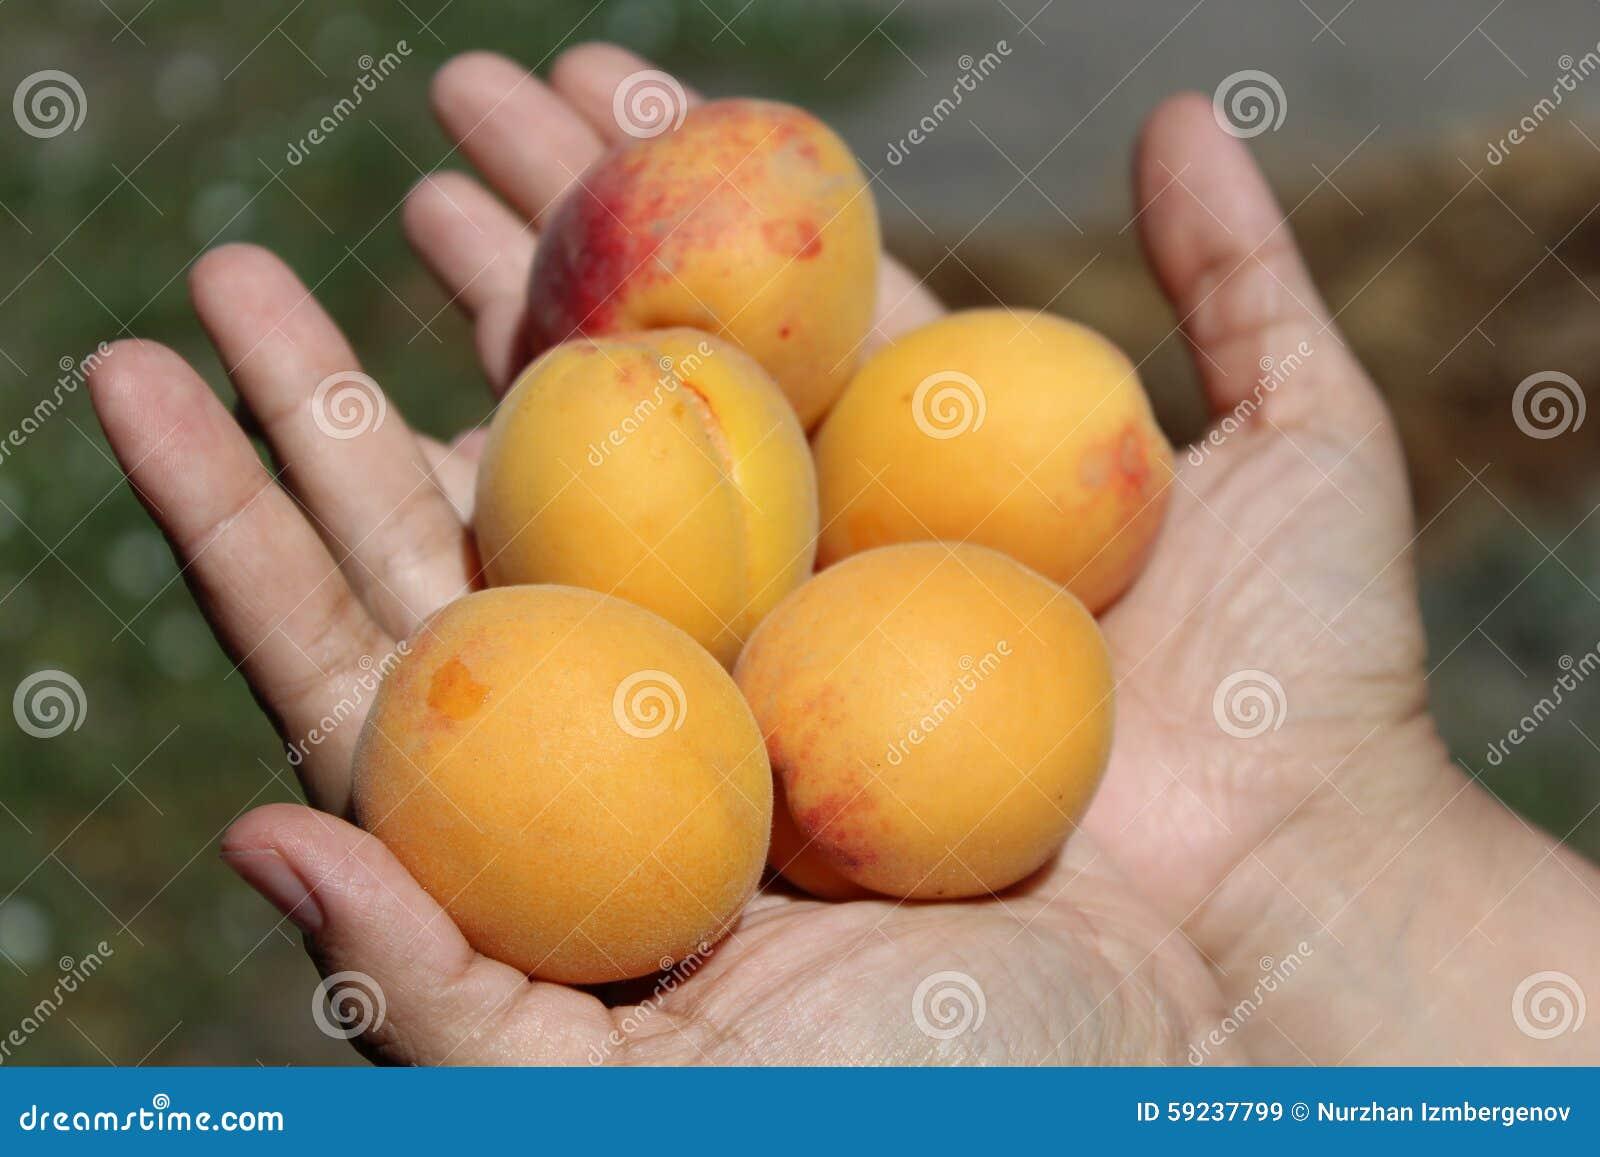 Albaricoques en manos